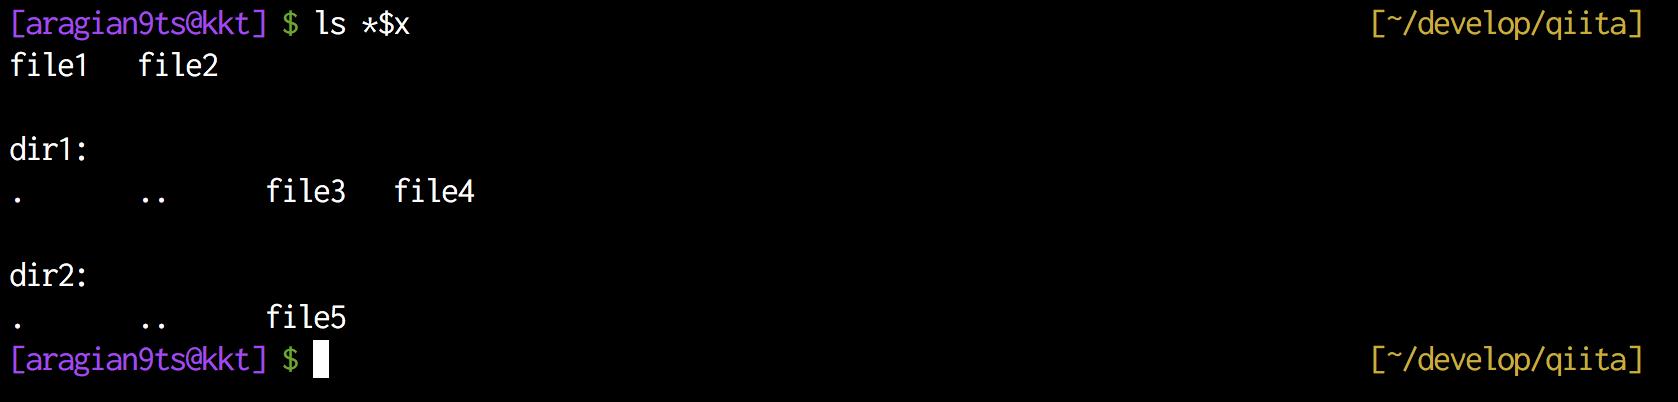 スクリーンショット 2017-09-27 12.23.54.png